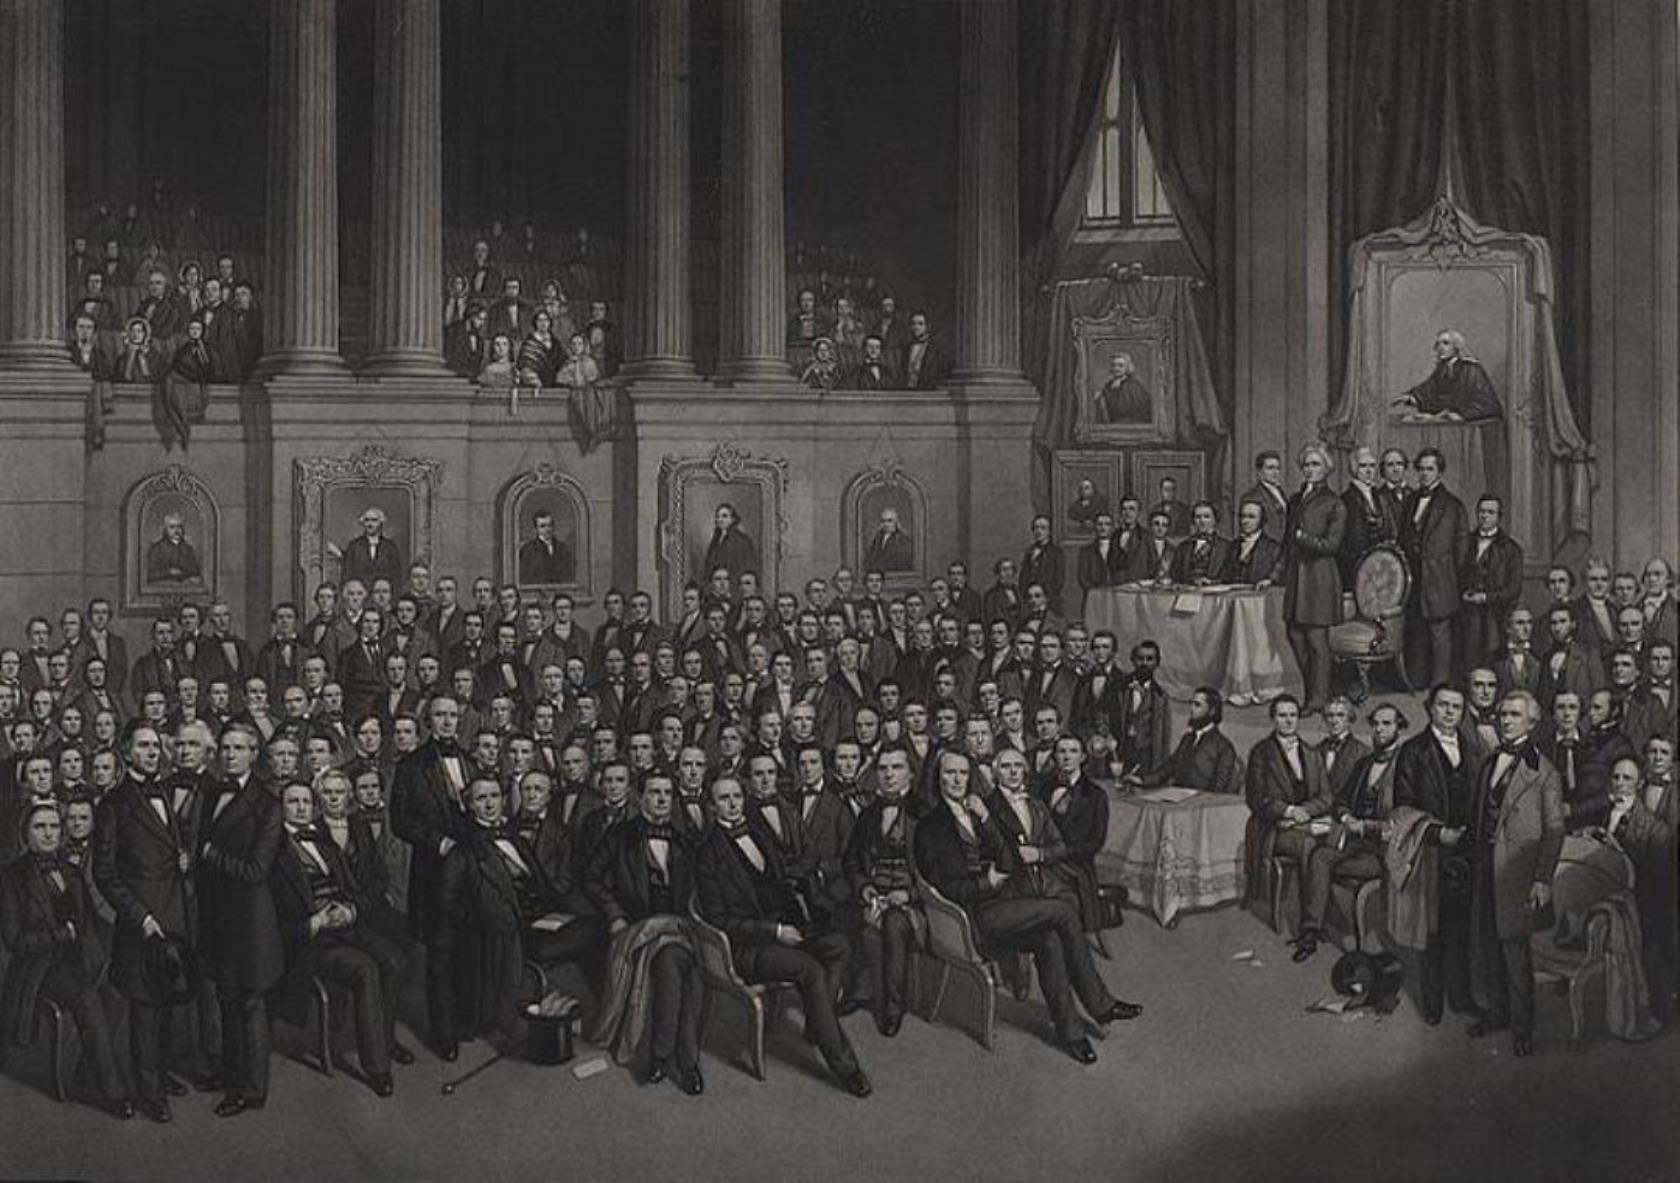 1858년 5월 테네시주 내쉬빌에서 열린 남감리교회 총회 모습. 사진 출처, 미국 의회 도서관 LC-DIG-ppmsca-07829